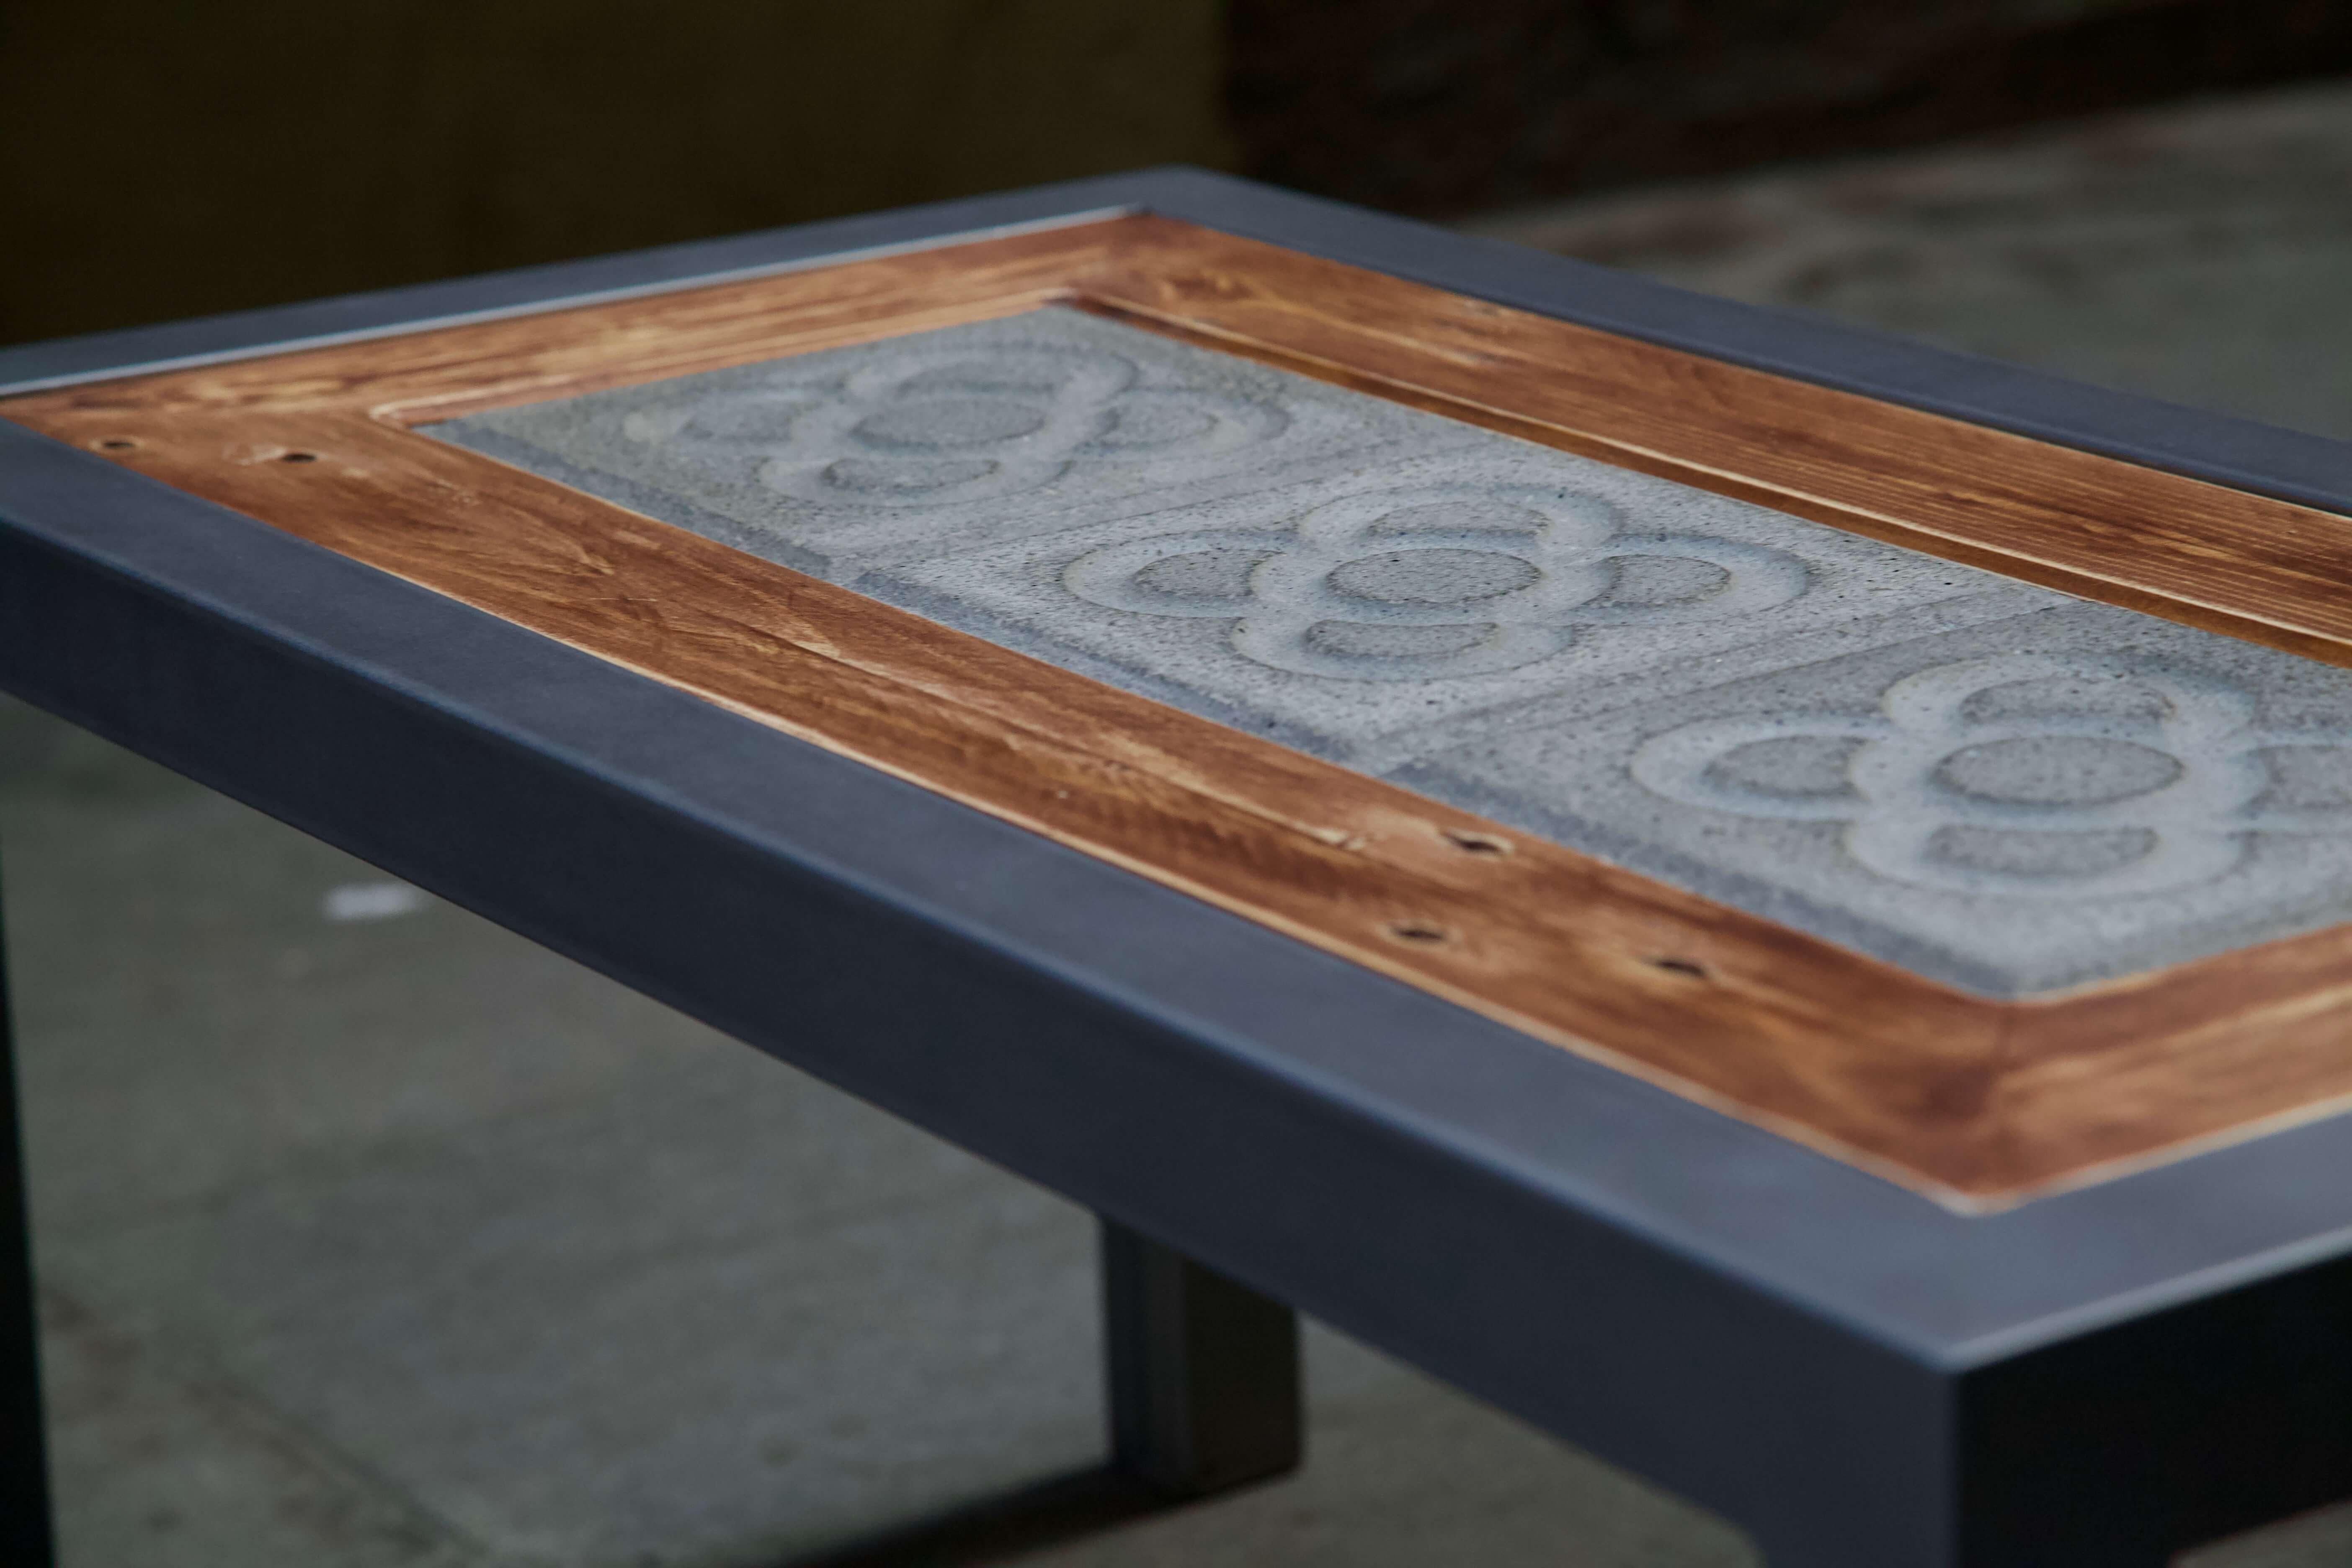 detalle del sobre de la mesa hecha con hierro, panot flor de barcelona y madera de palet